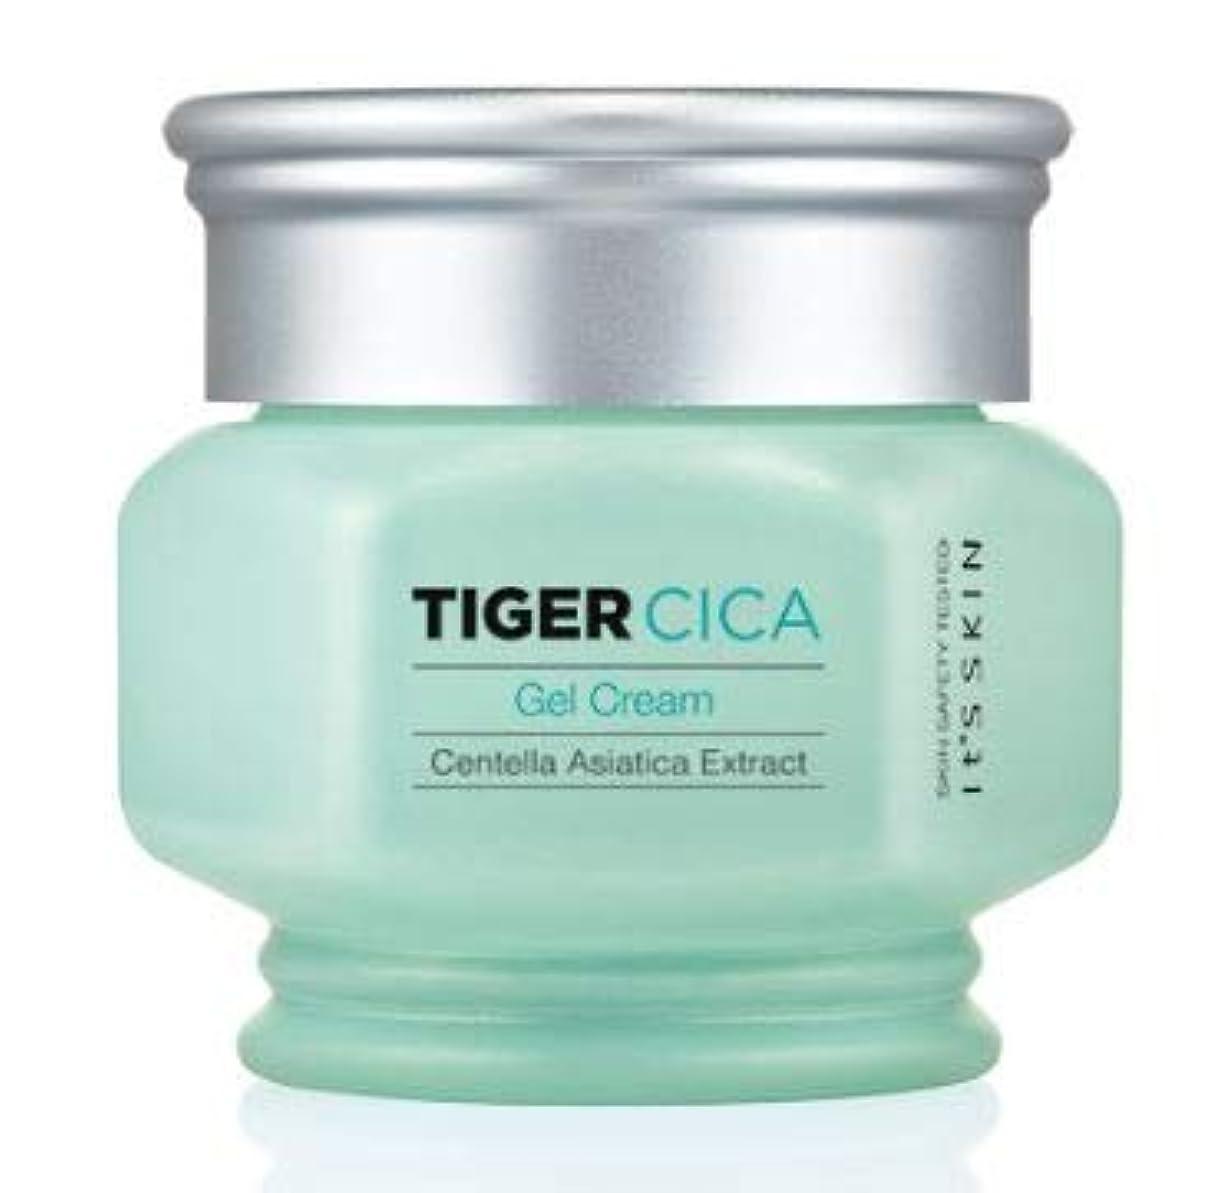 レンディションフローティングしっとり[It's Skin] Tiger Cica Gel Cream /[イッツスキン] タイガーシカ ジェル クリーム [並行輸入品]